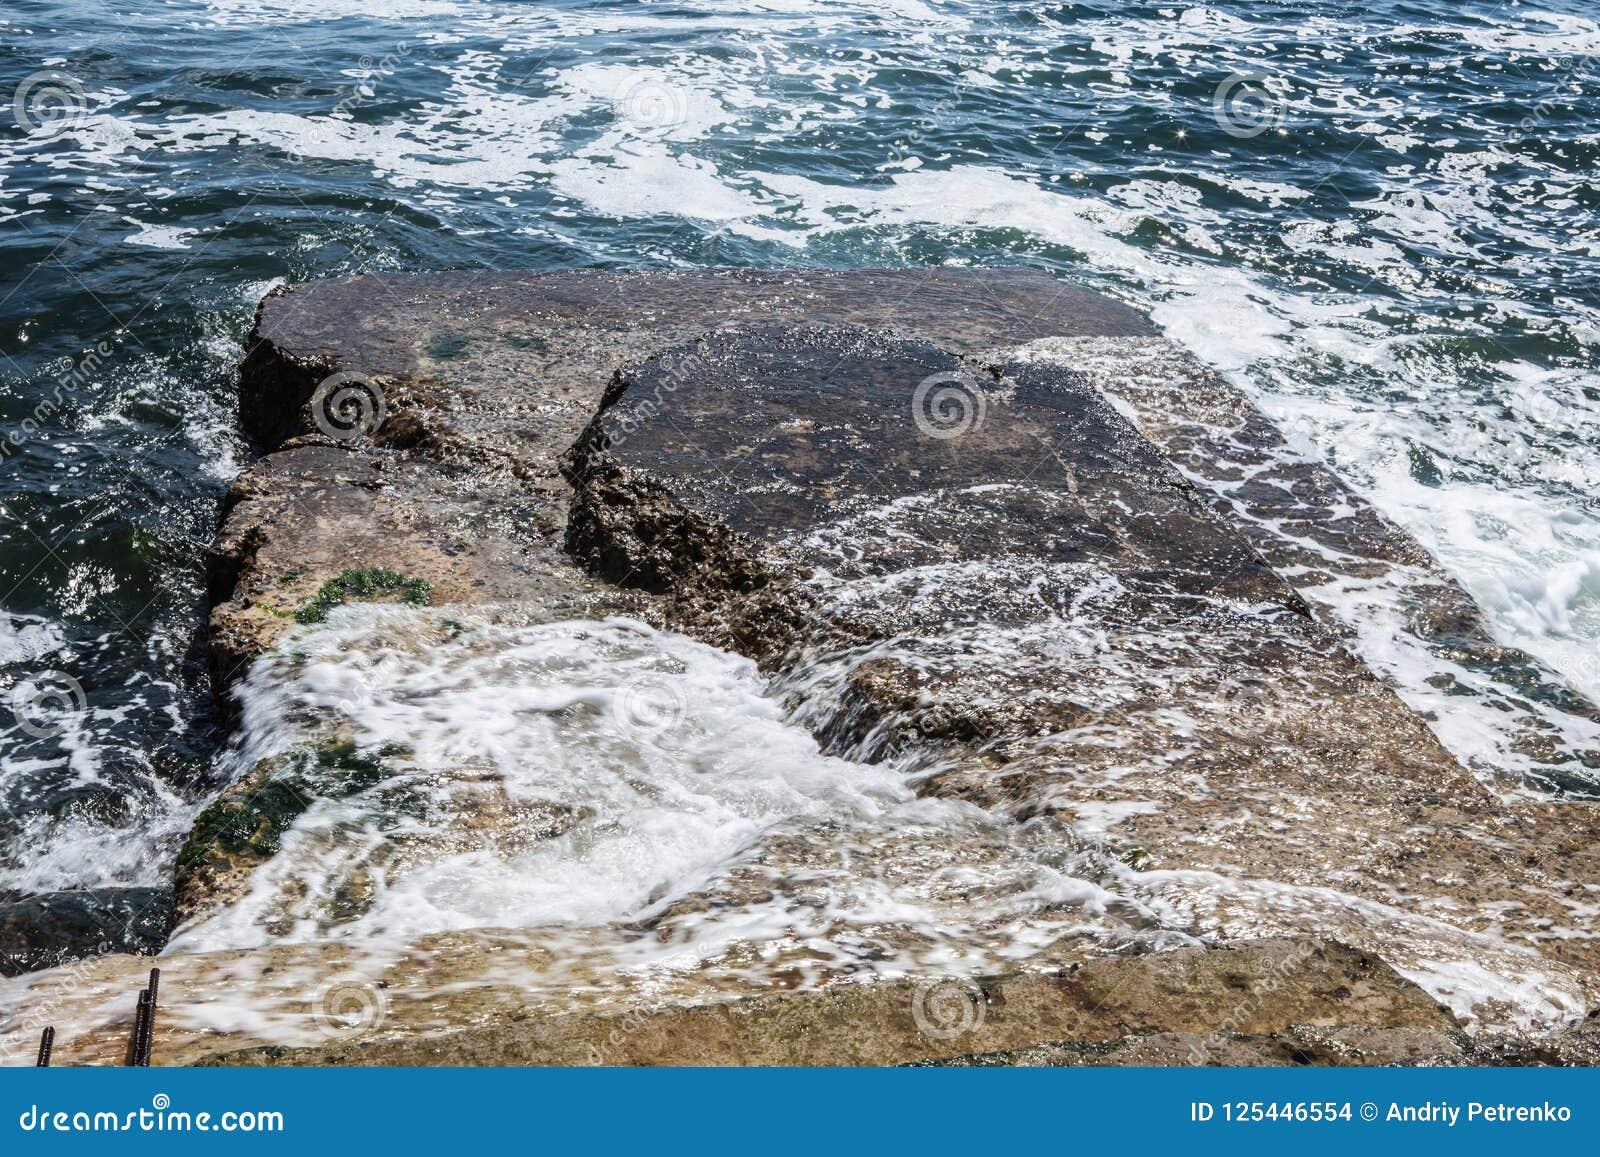 Grandi onde sulla costa rocciosa e sul mare blu